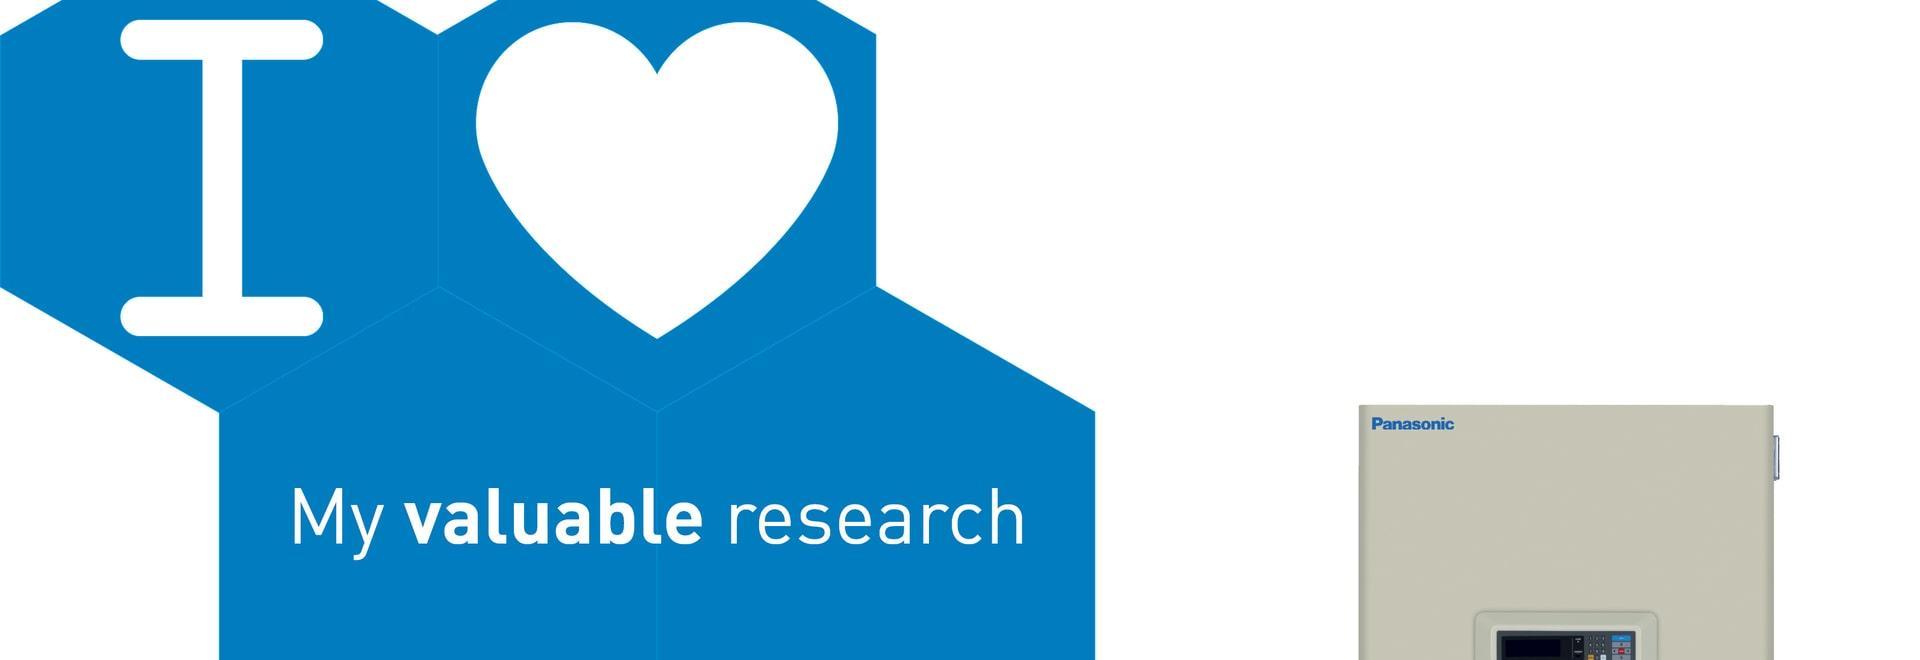 ¡Usted ama su investigación valiosa, y así que háganos!